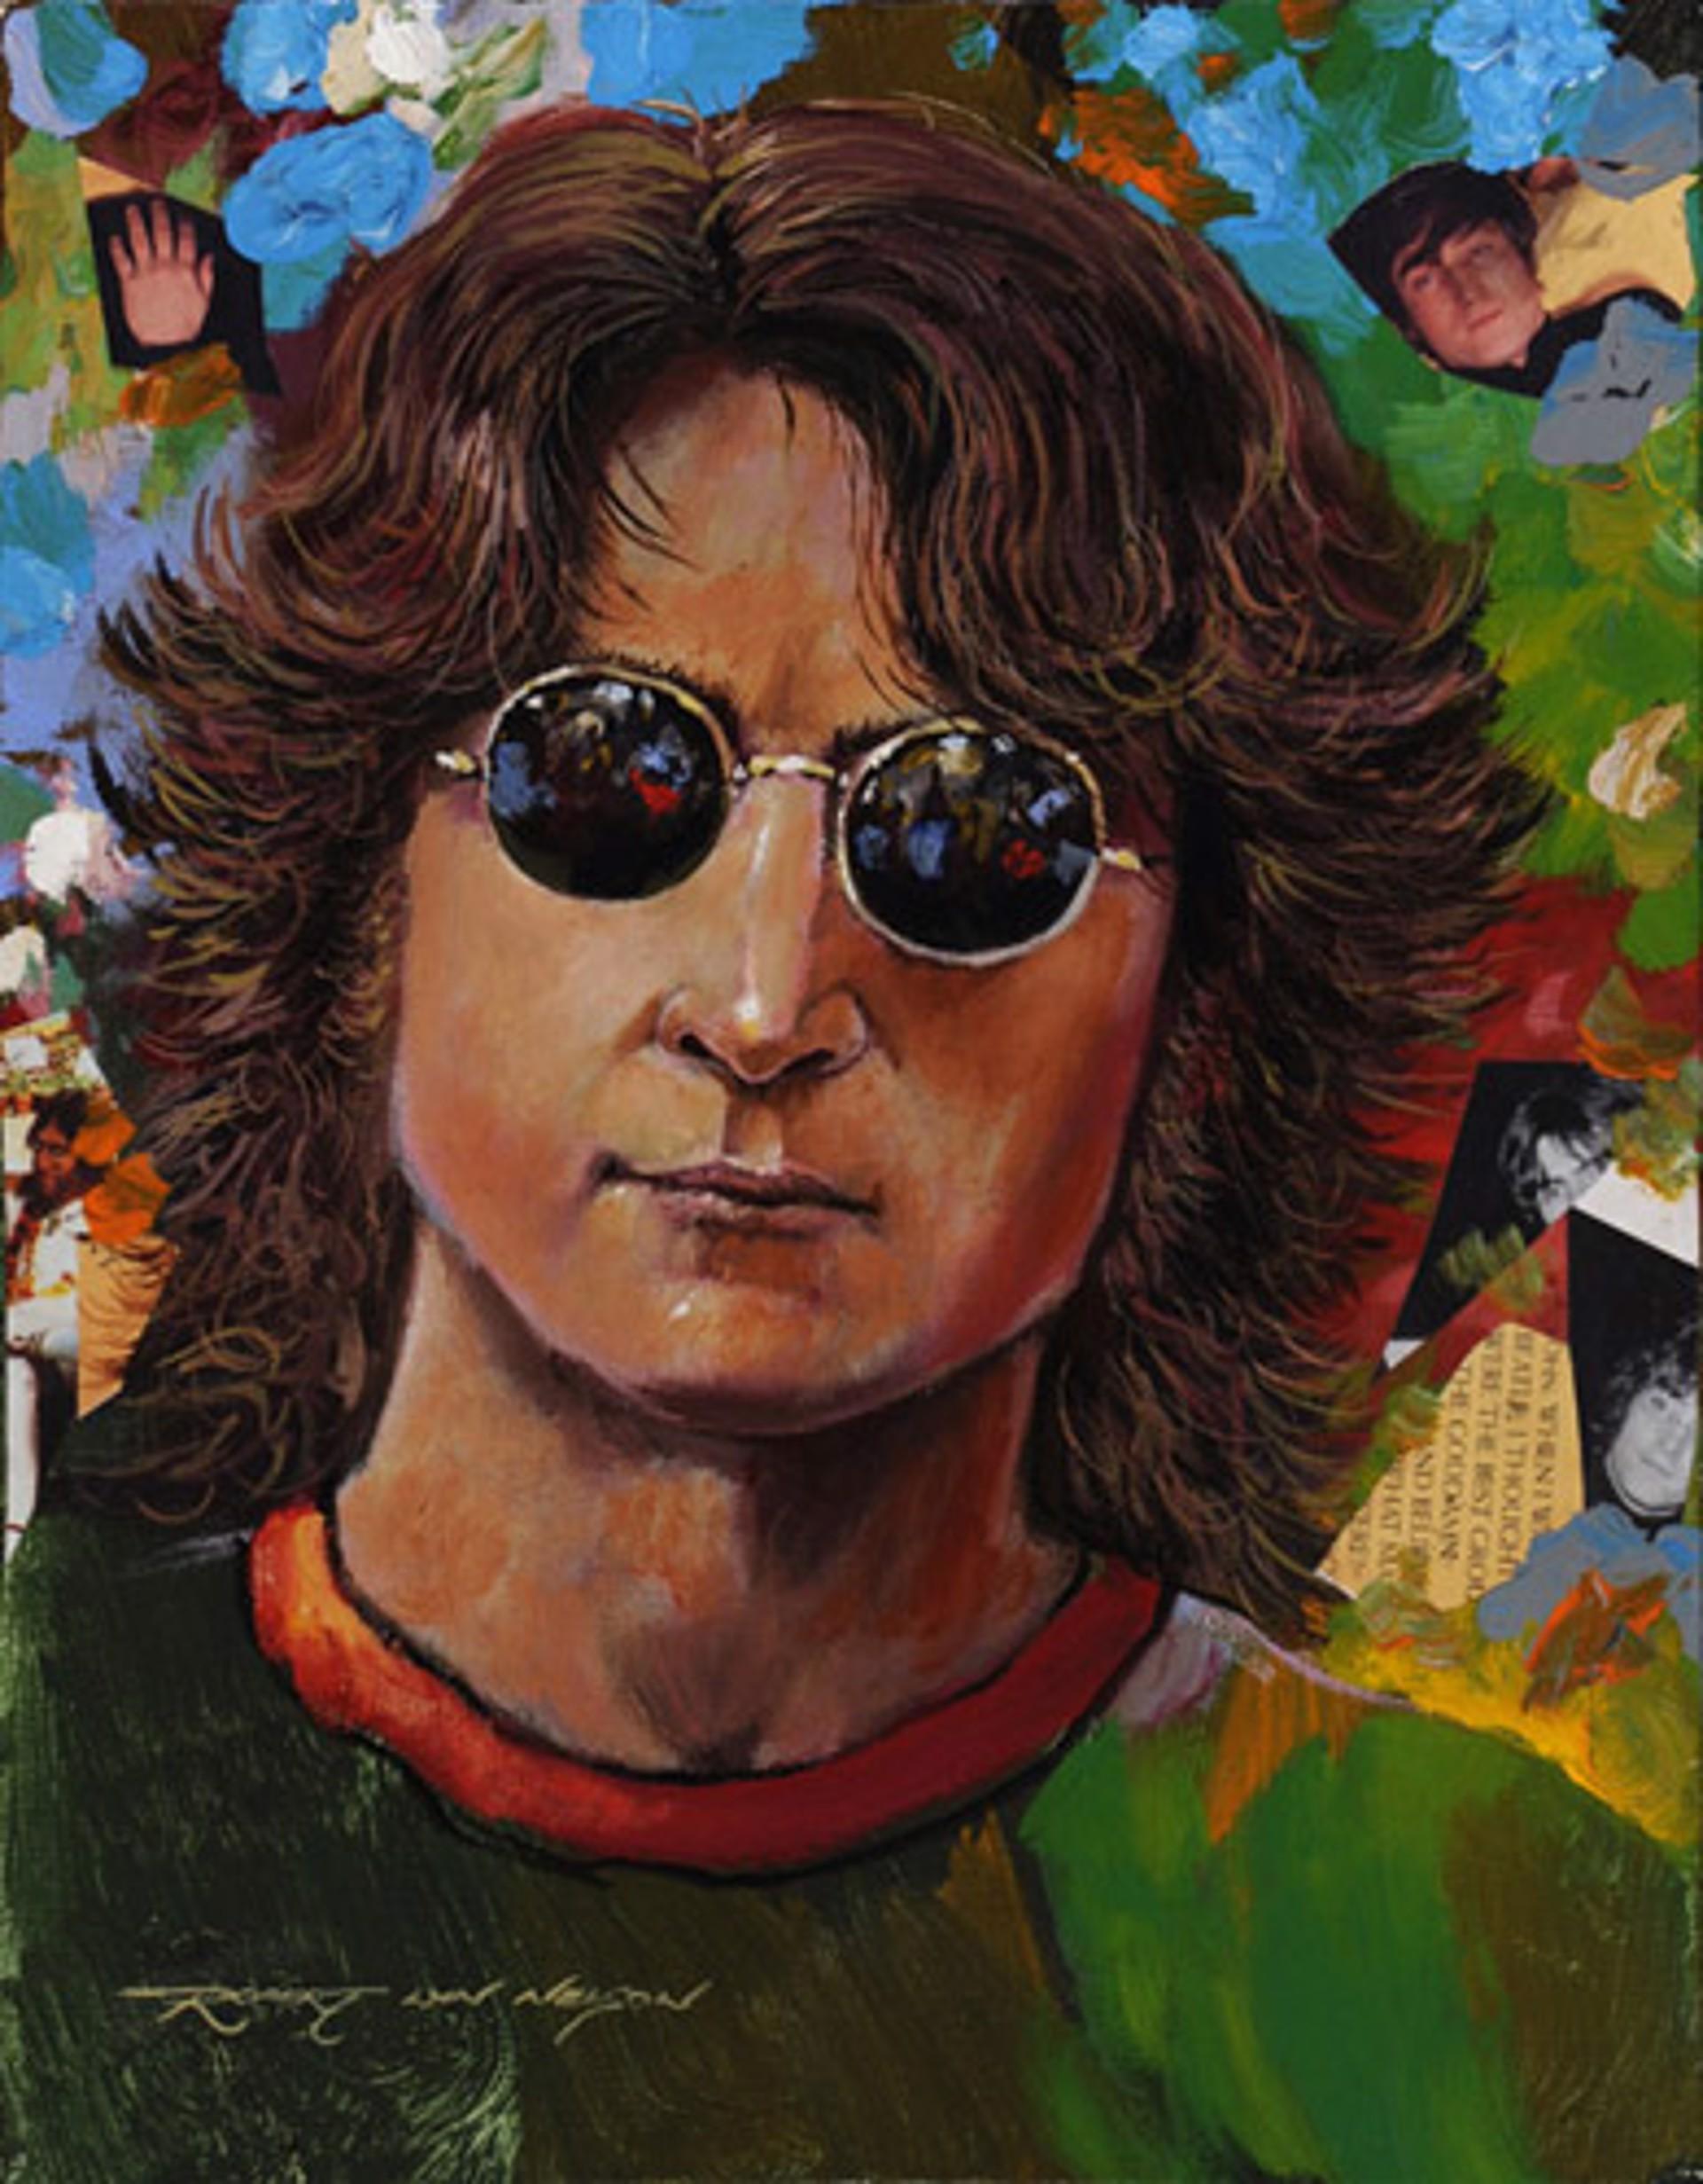 New York John Lennon by Robert Lyn Nelson